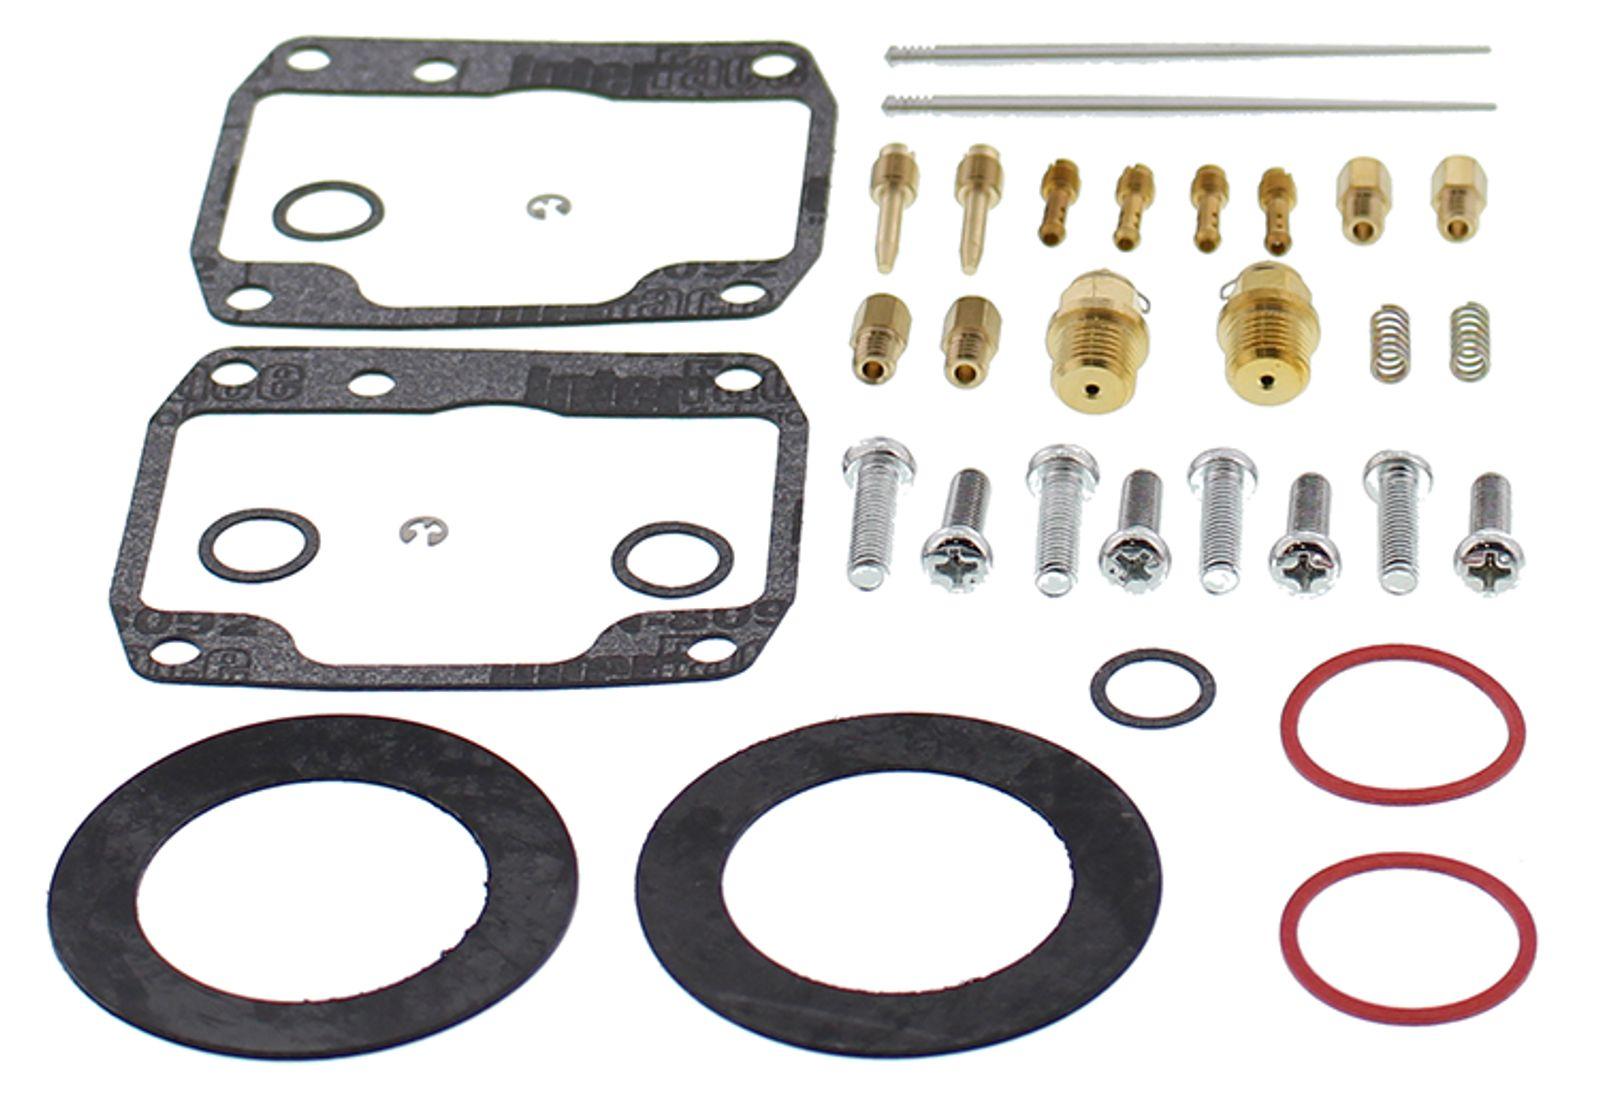 Wrp Carb Repair Kits - WRP2610002 image